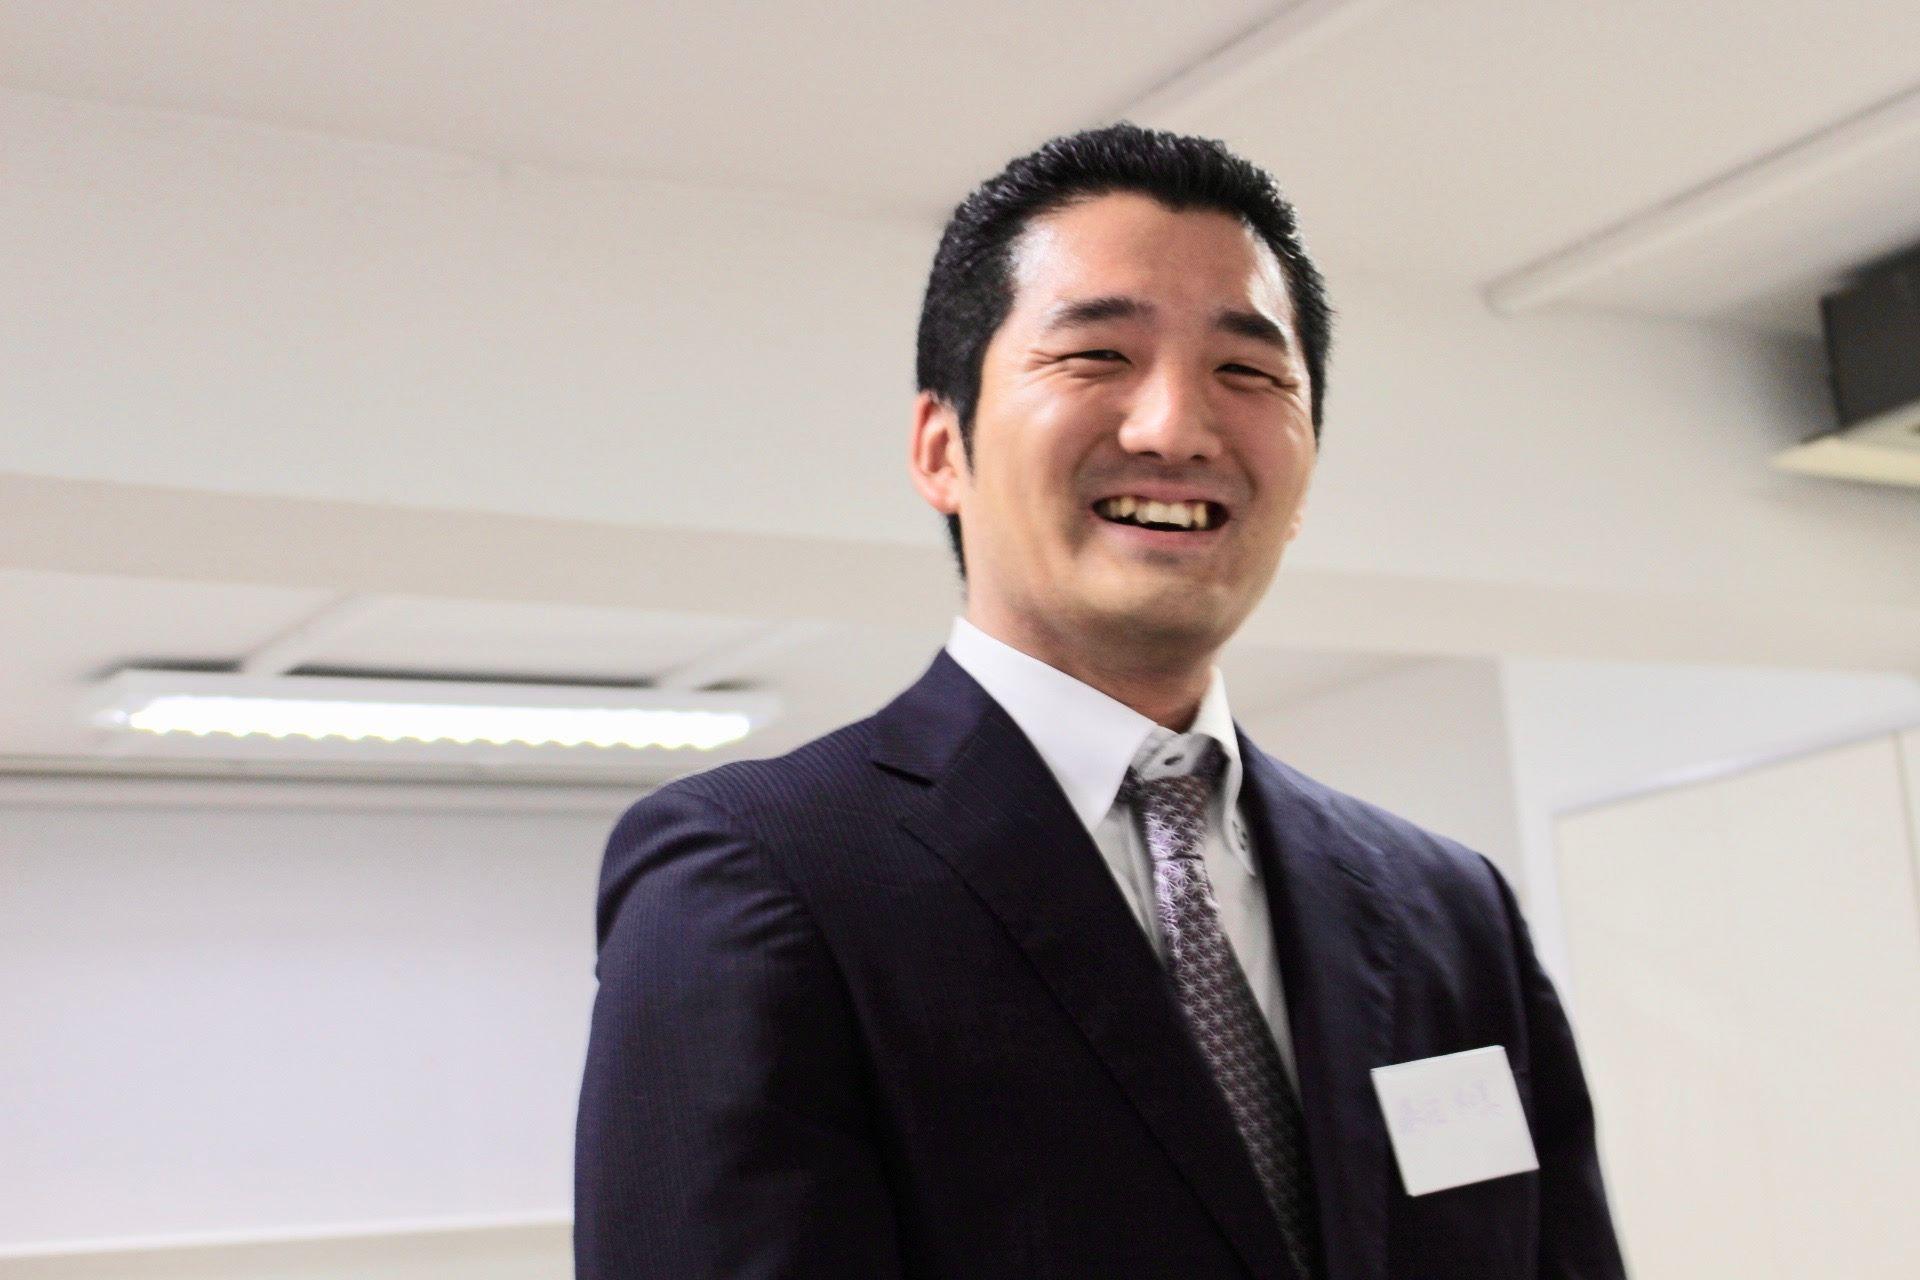 嶋田和真(30代)さま